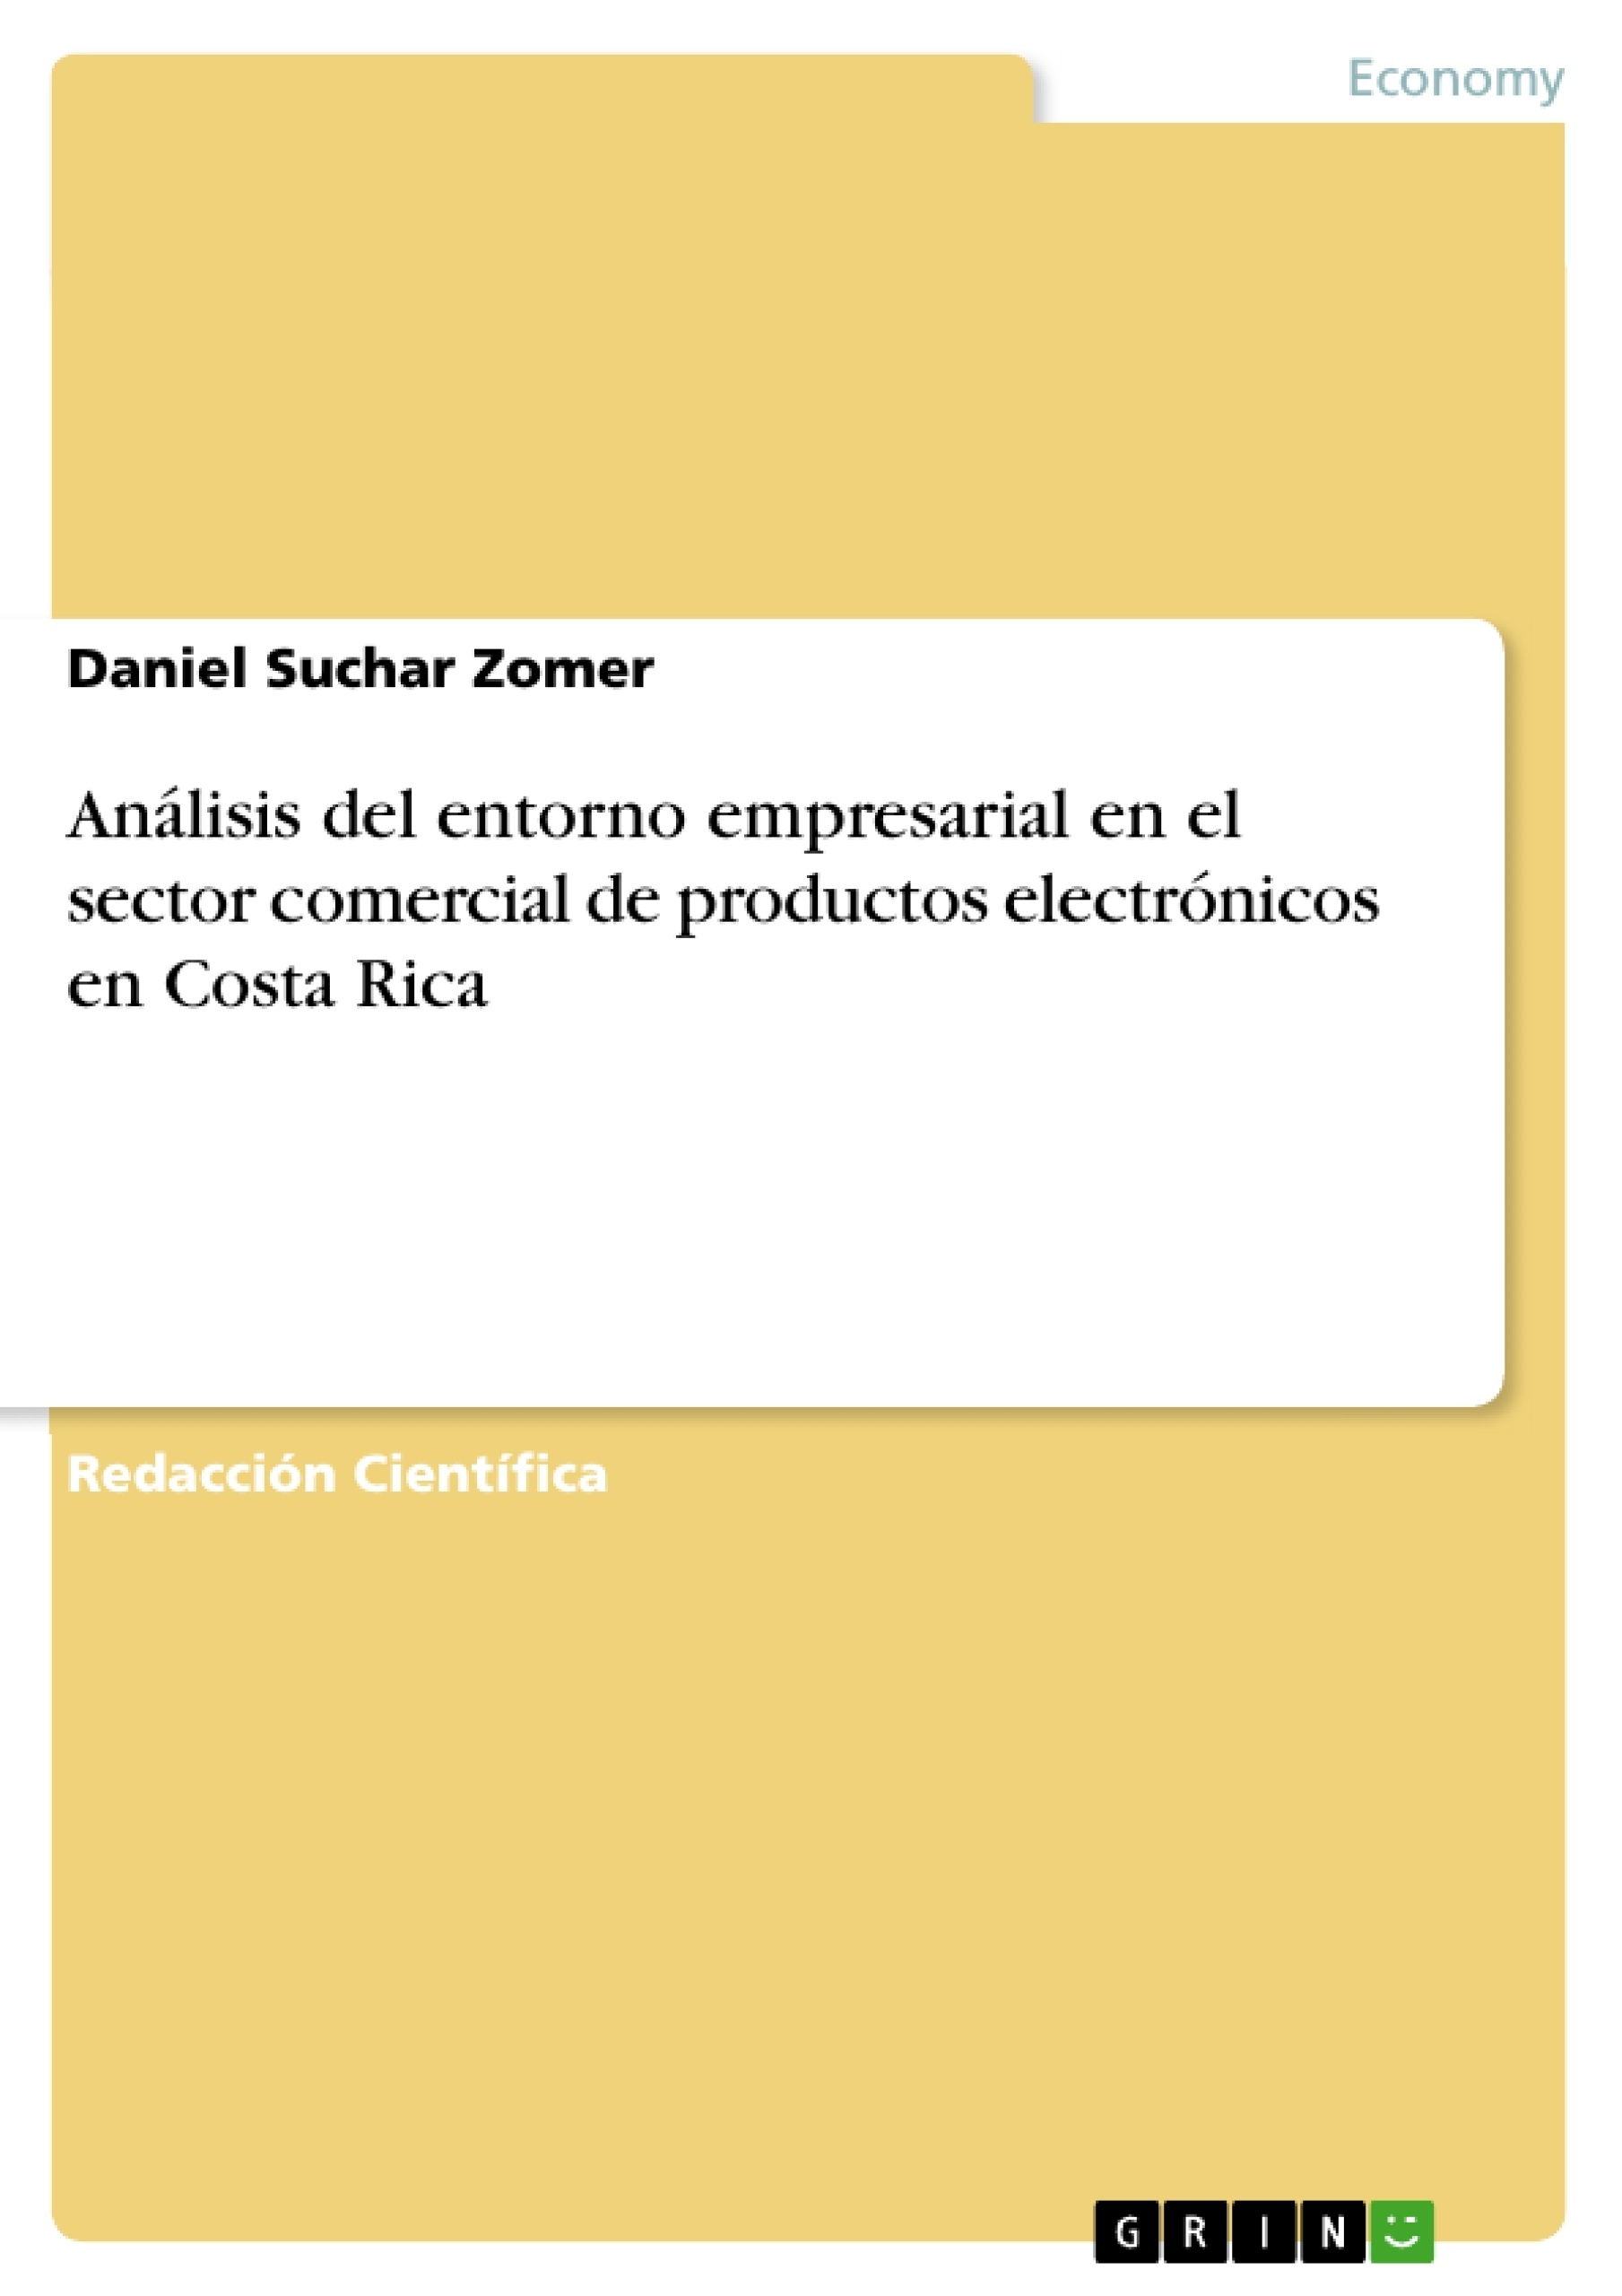 Título: Análisis del entorno empresarial en el sector comercial de productos electrónicos en Costa Rica